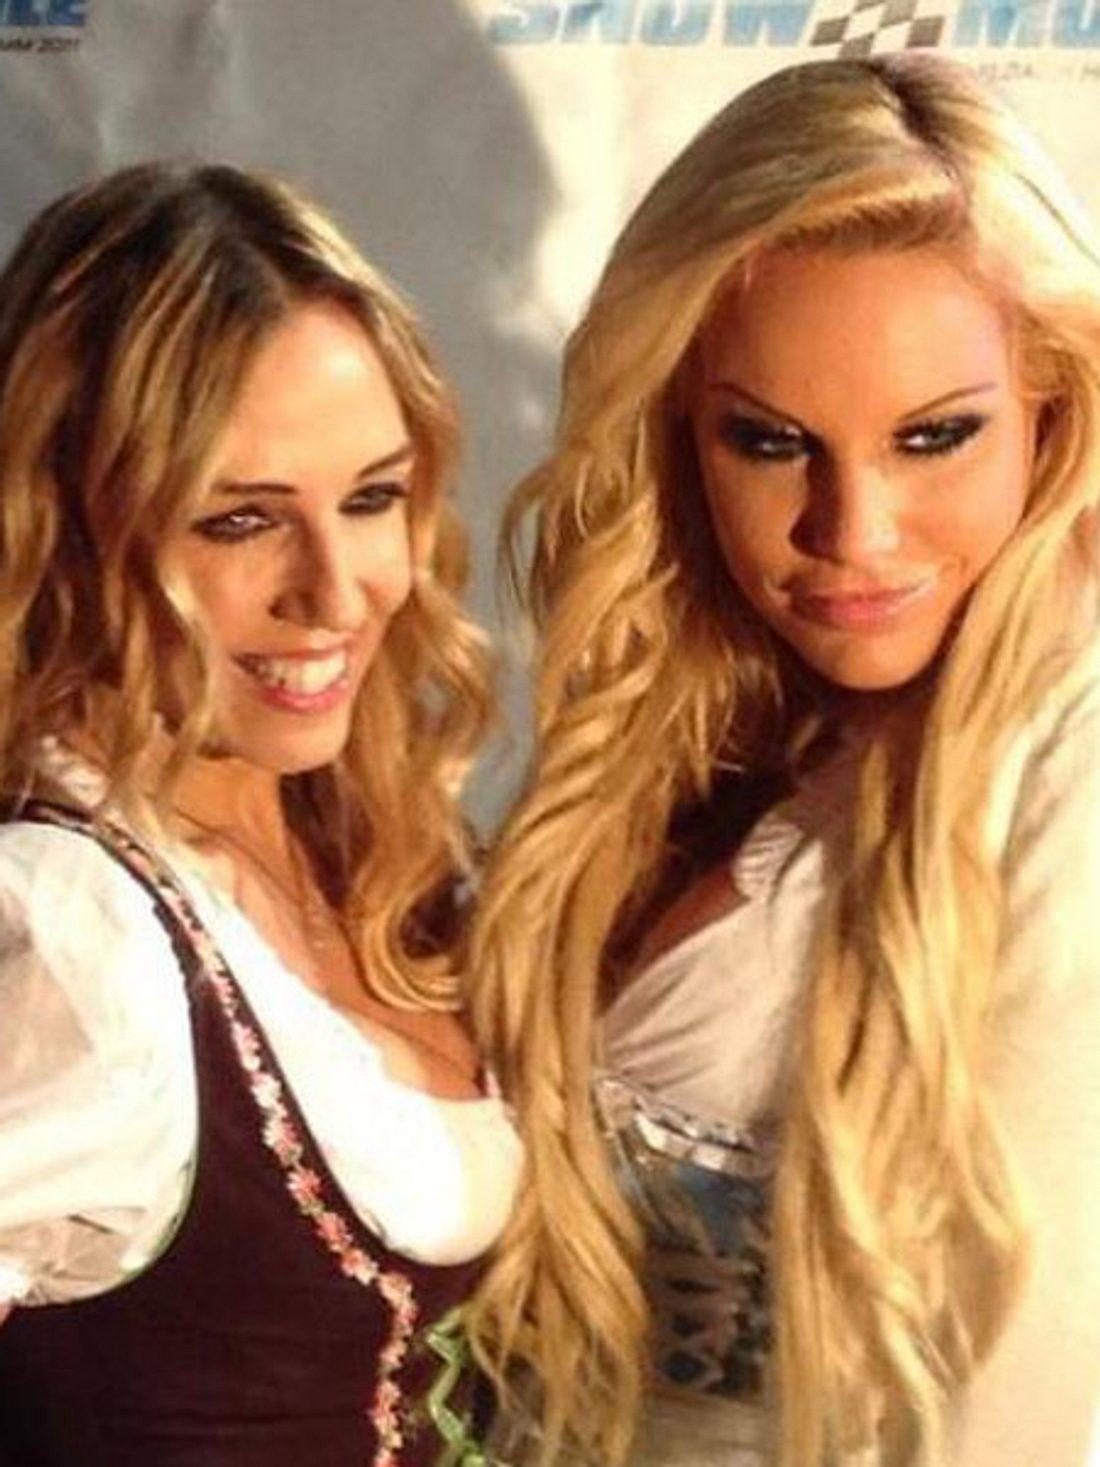 Gina-Lisa und Loona waren nie wirklich zusammen.